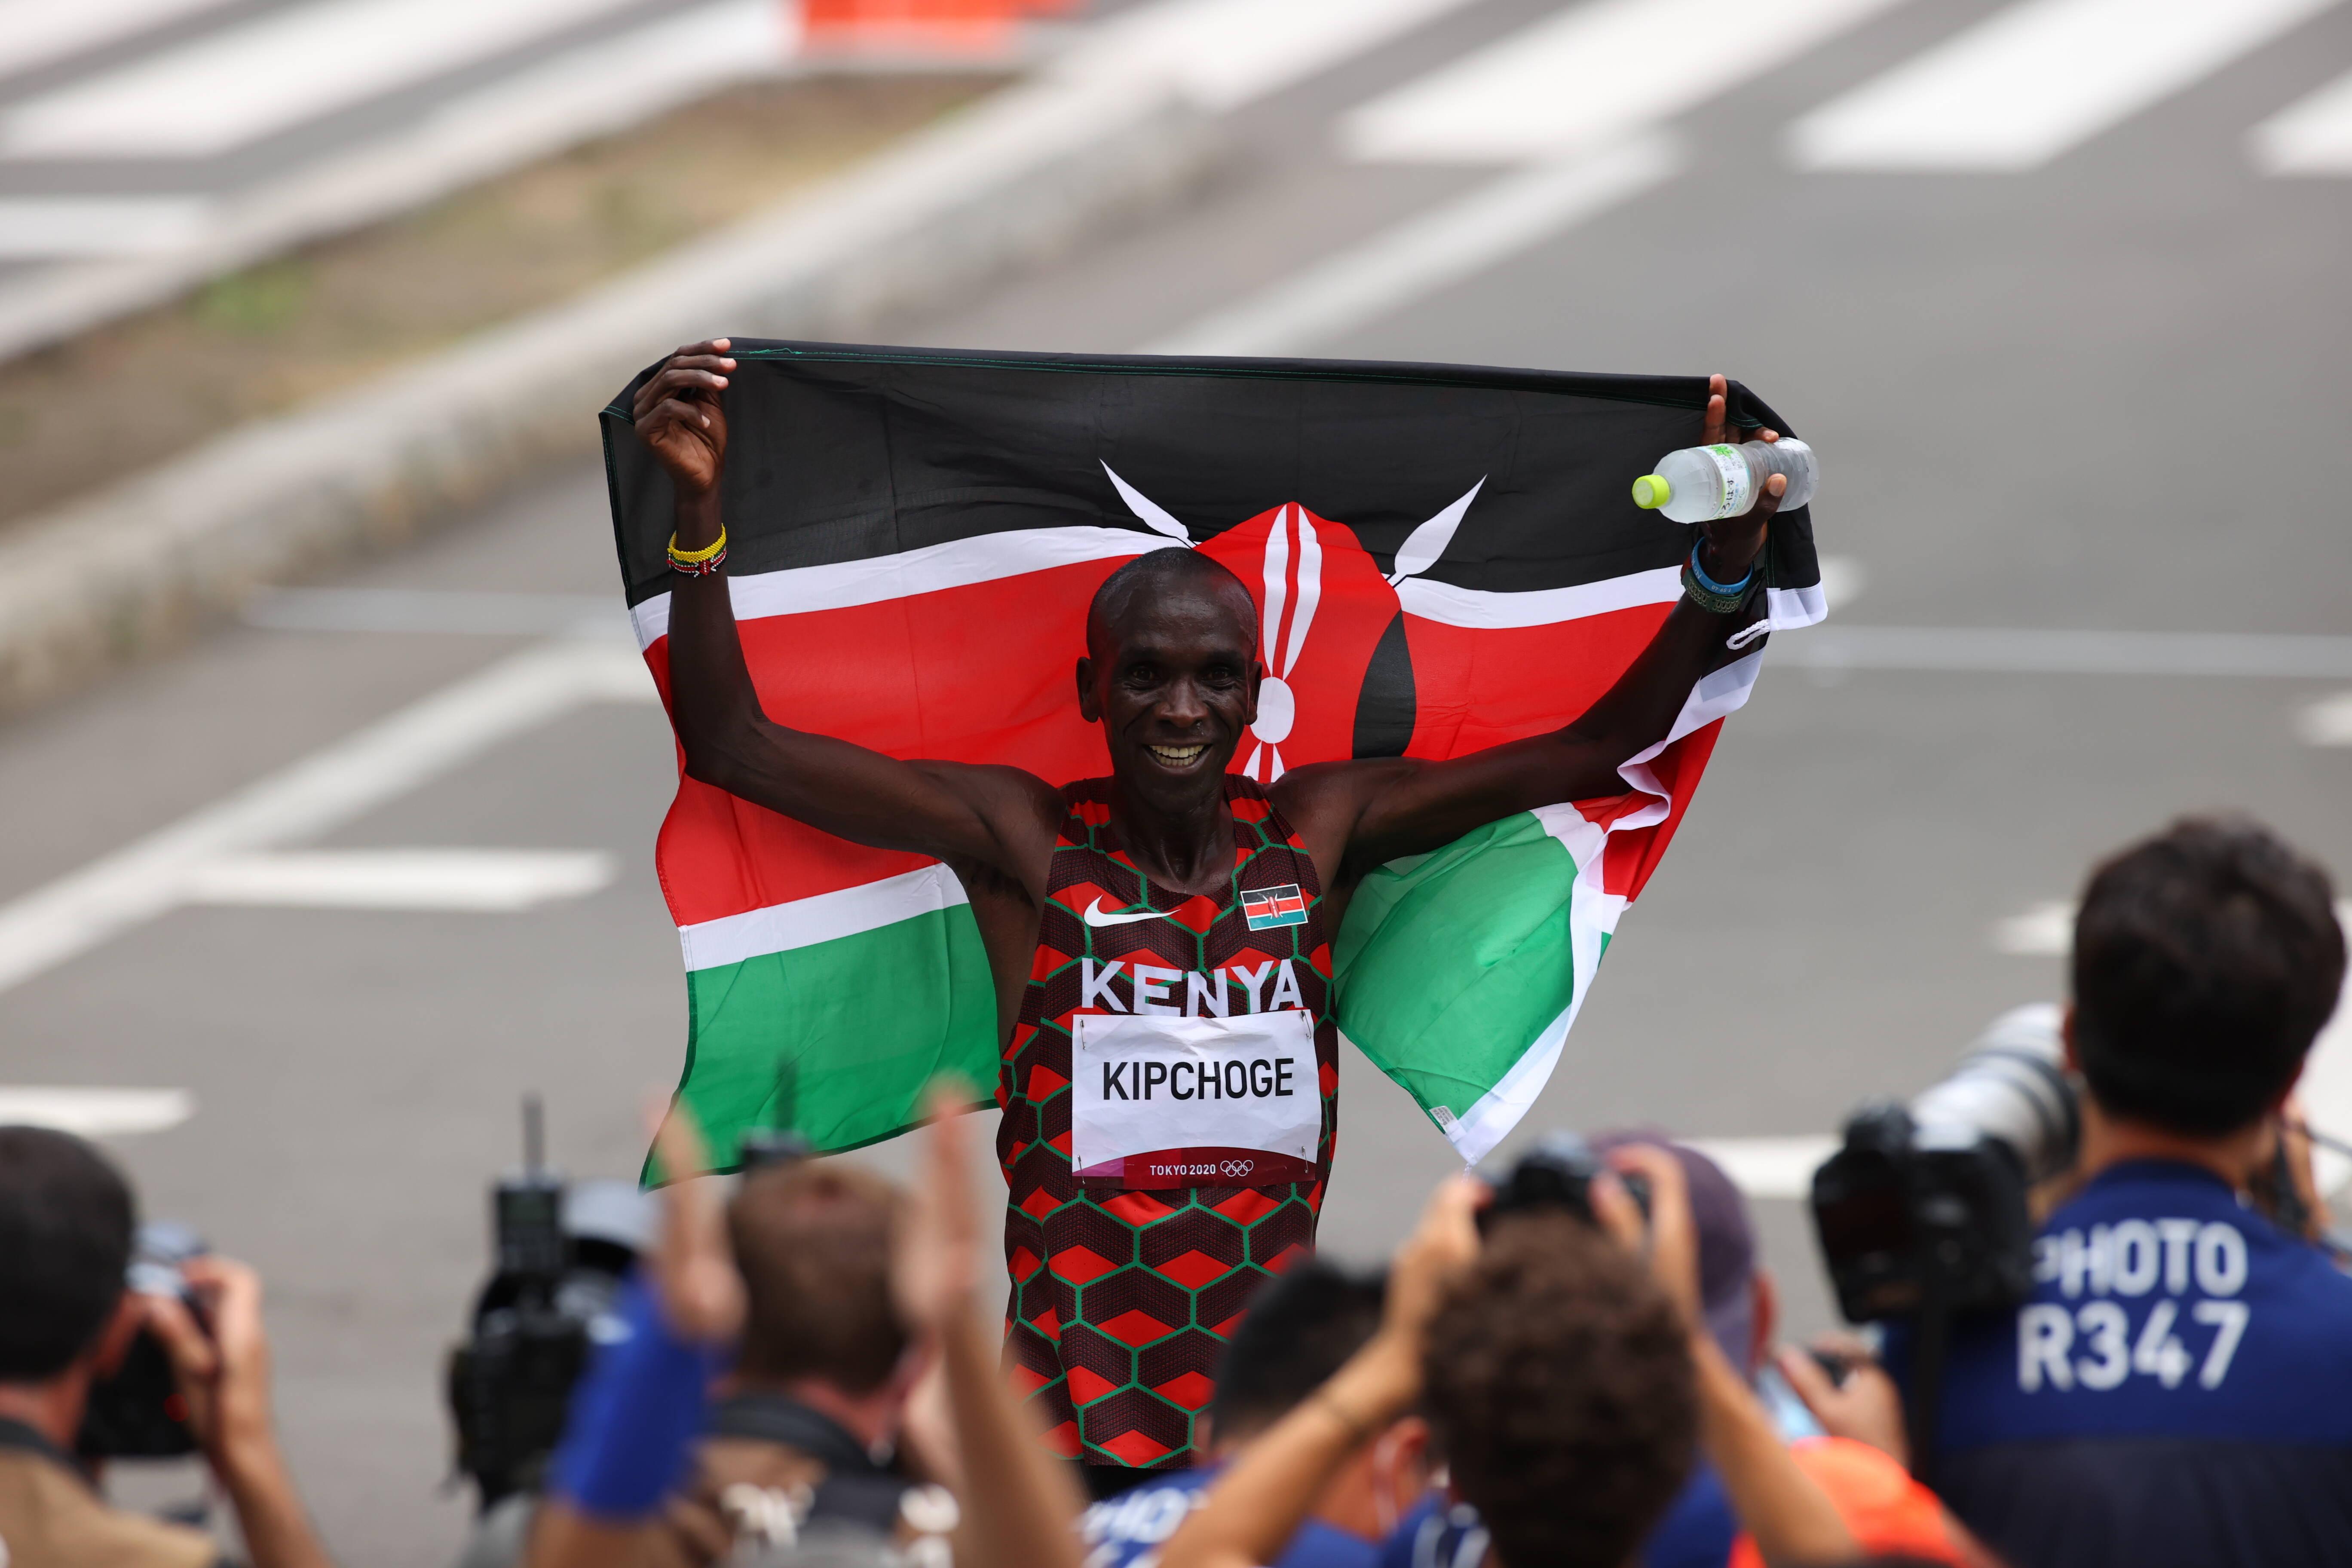 Eliud Kipchoge verdedigt met succes zijn marathontitel, Abdi Nageeye pakt zilver